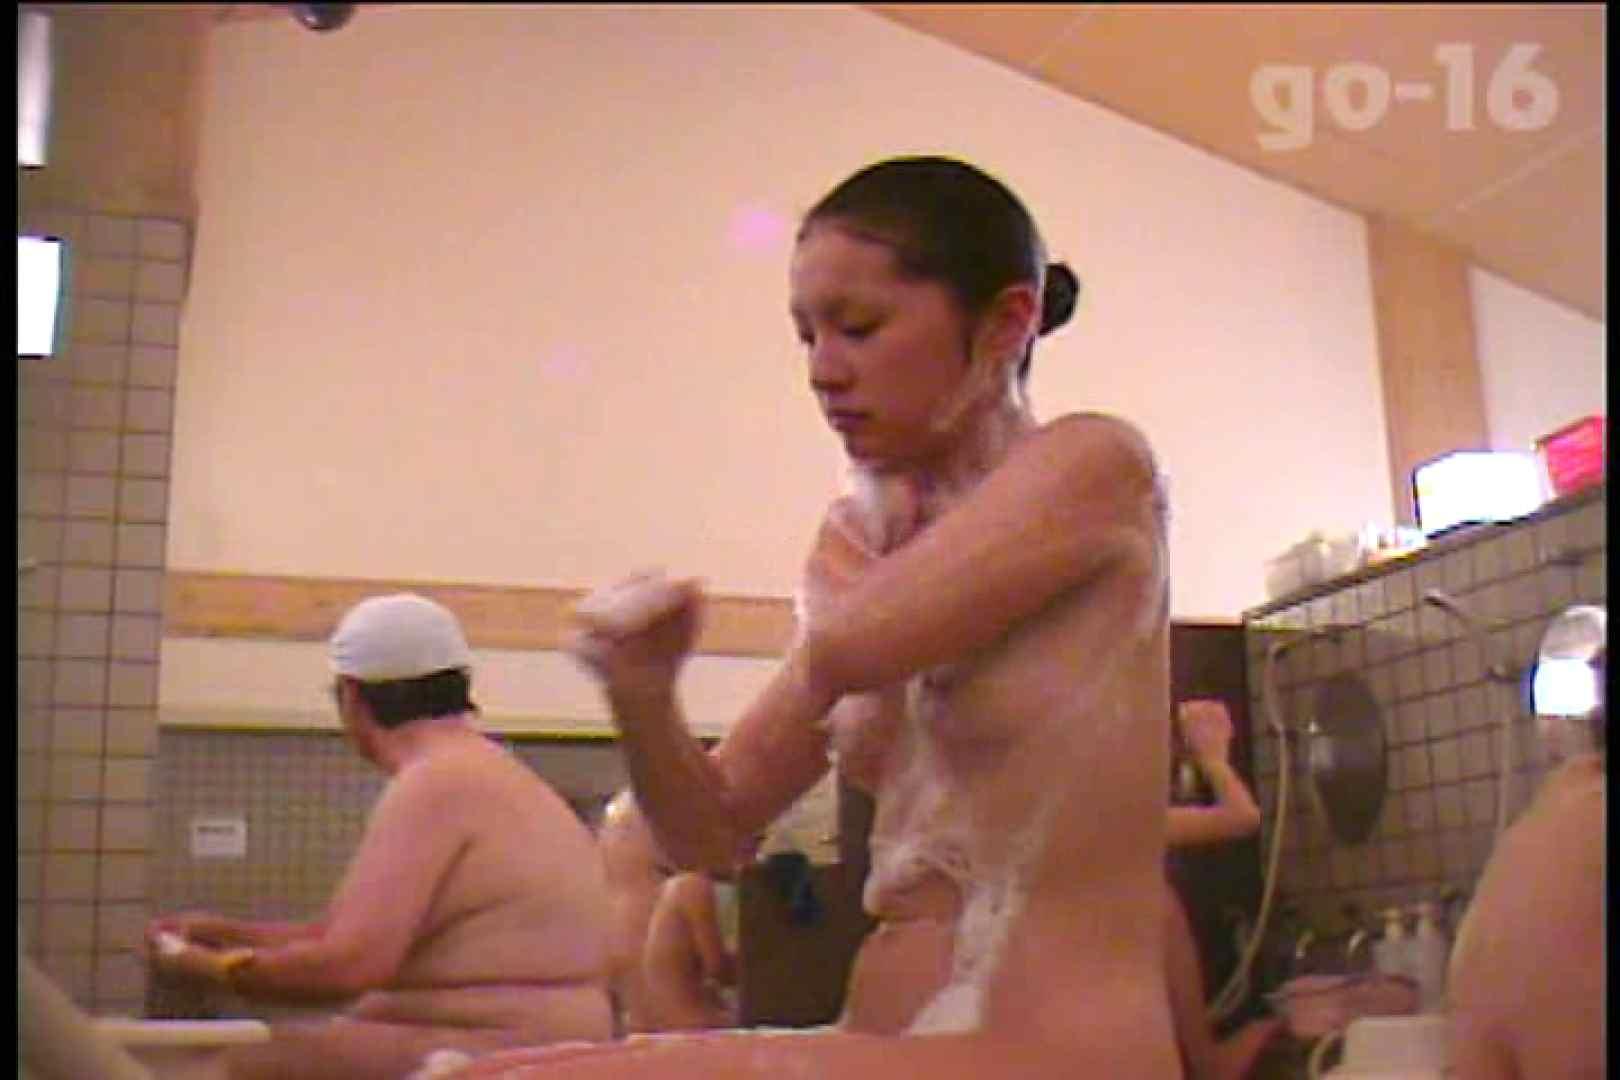 電波カメラ設置浴場からの防HAN映像 Vol.16 色っぽいOL達 ヌード画像 77pic 14